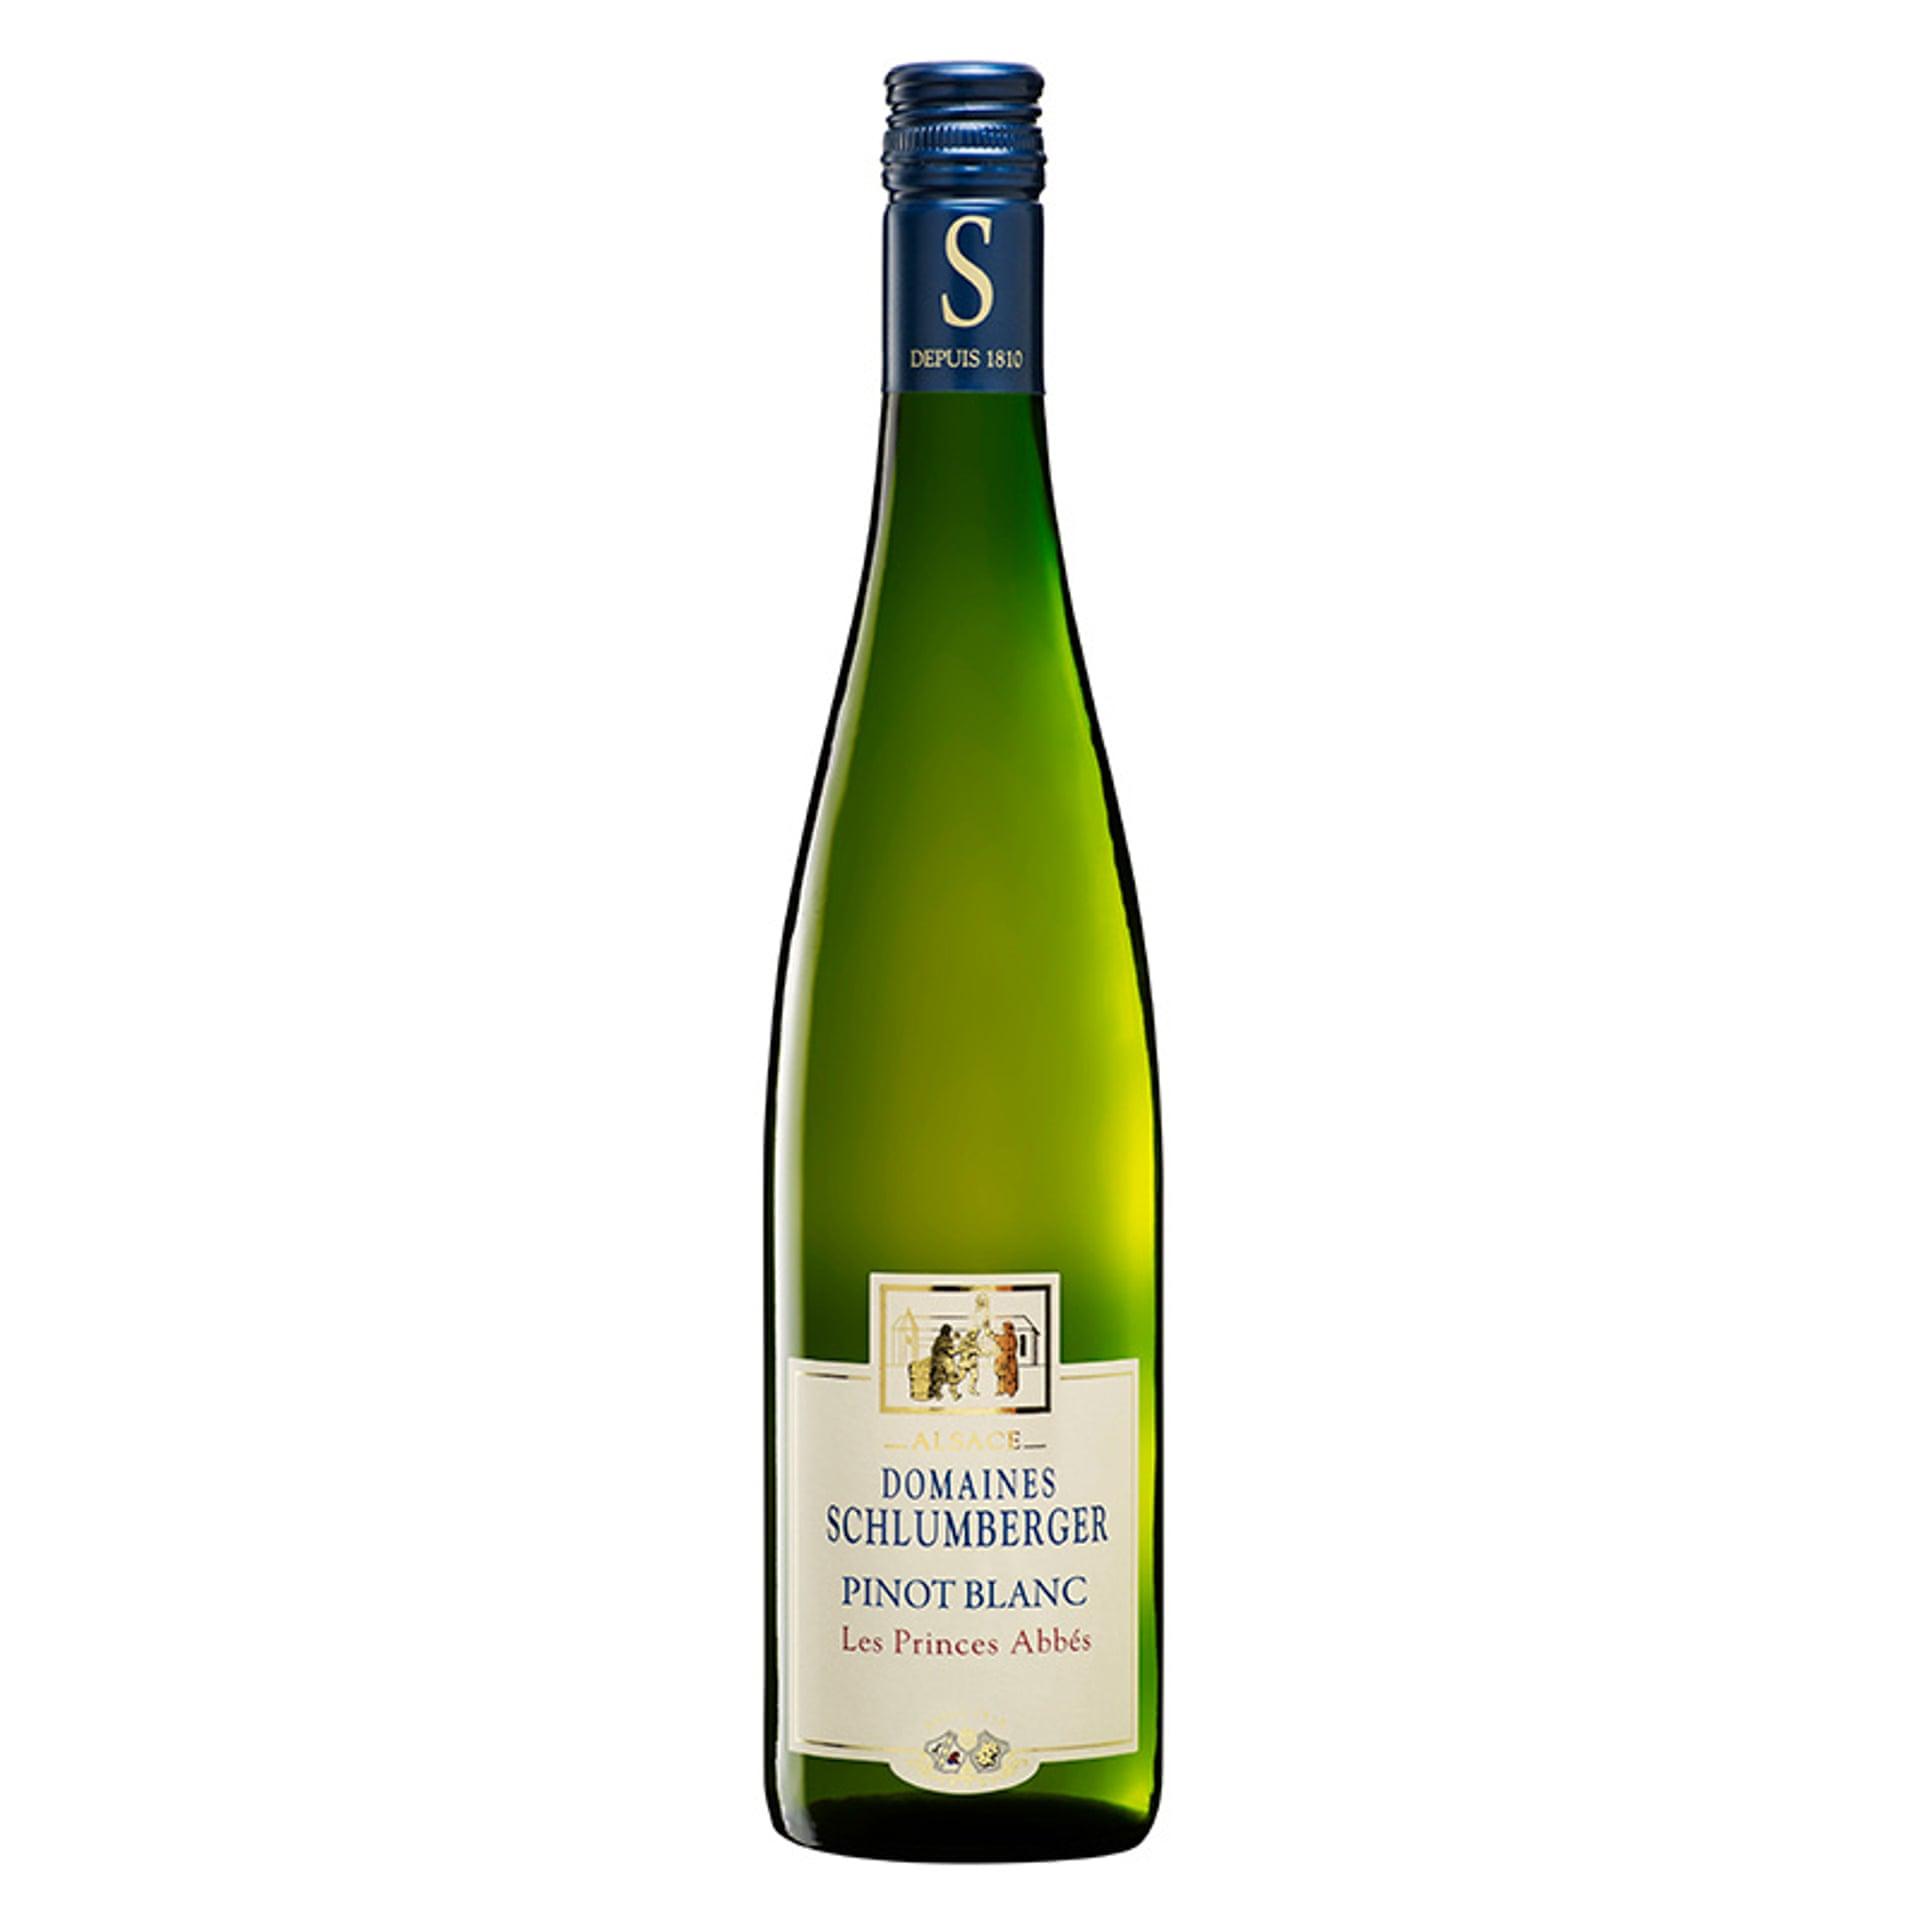 Domaines Schlumberger Pinot Blanc 2016 Les PrincesAbbés